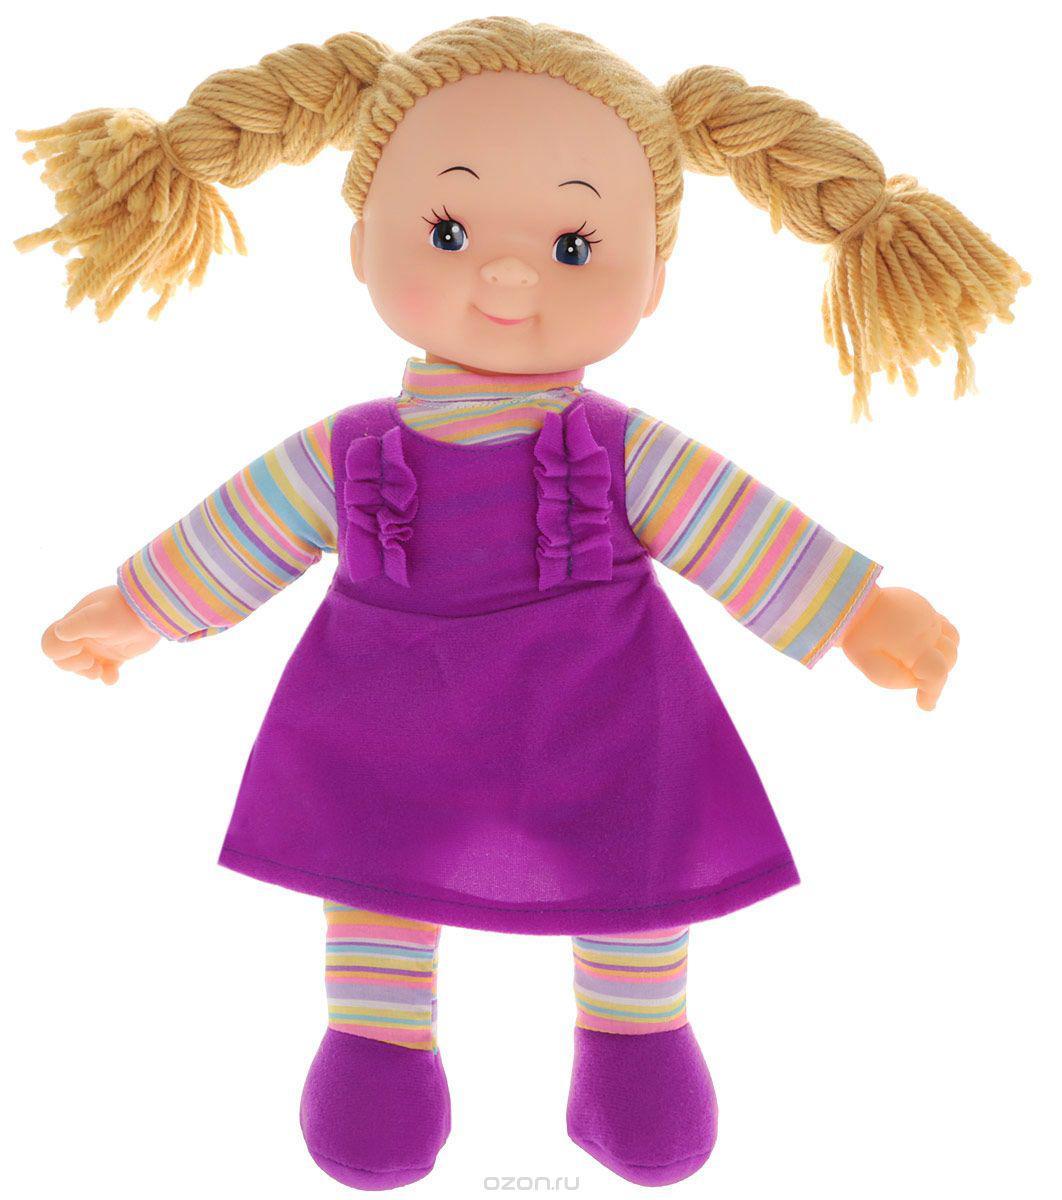 Kукла мягкая с цветными волосами 38 см Simba 5112238